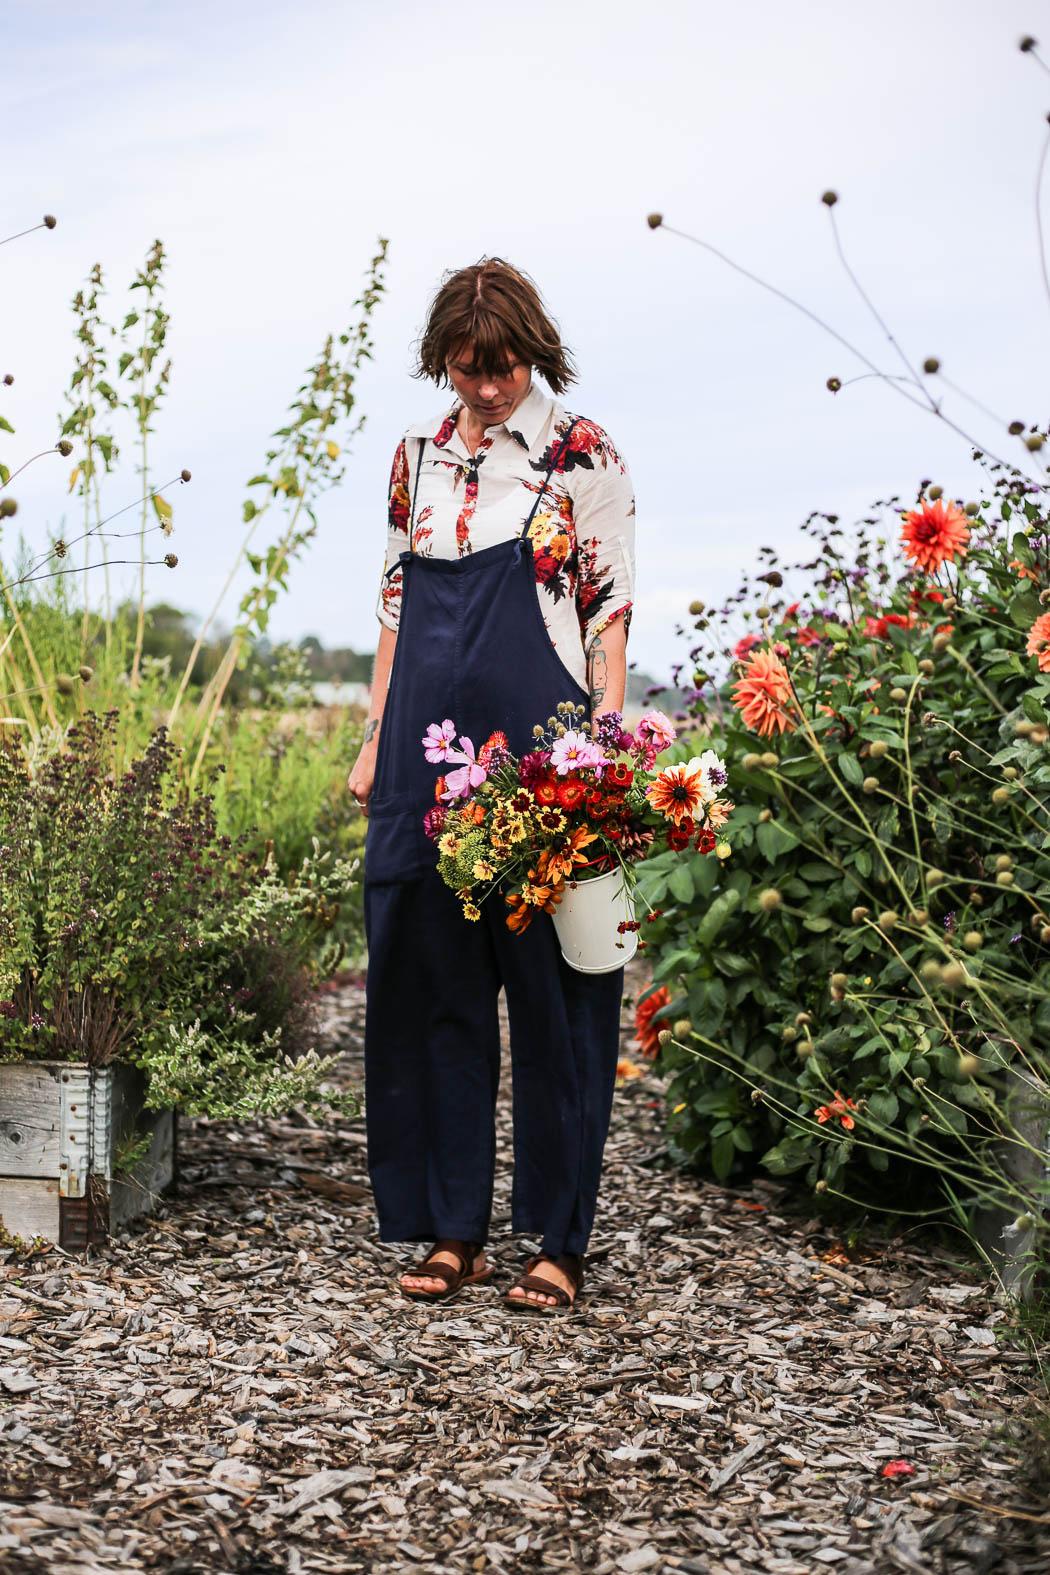 Matchar kläder och blommor, så klart!